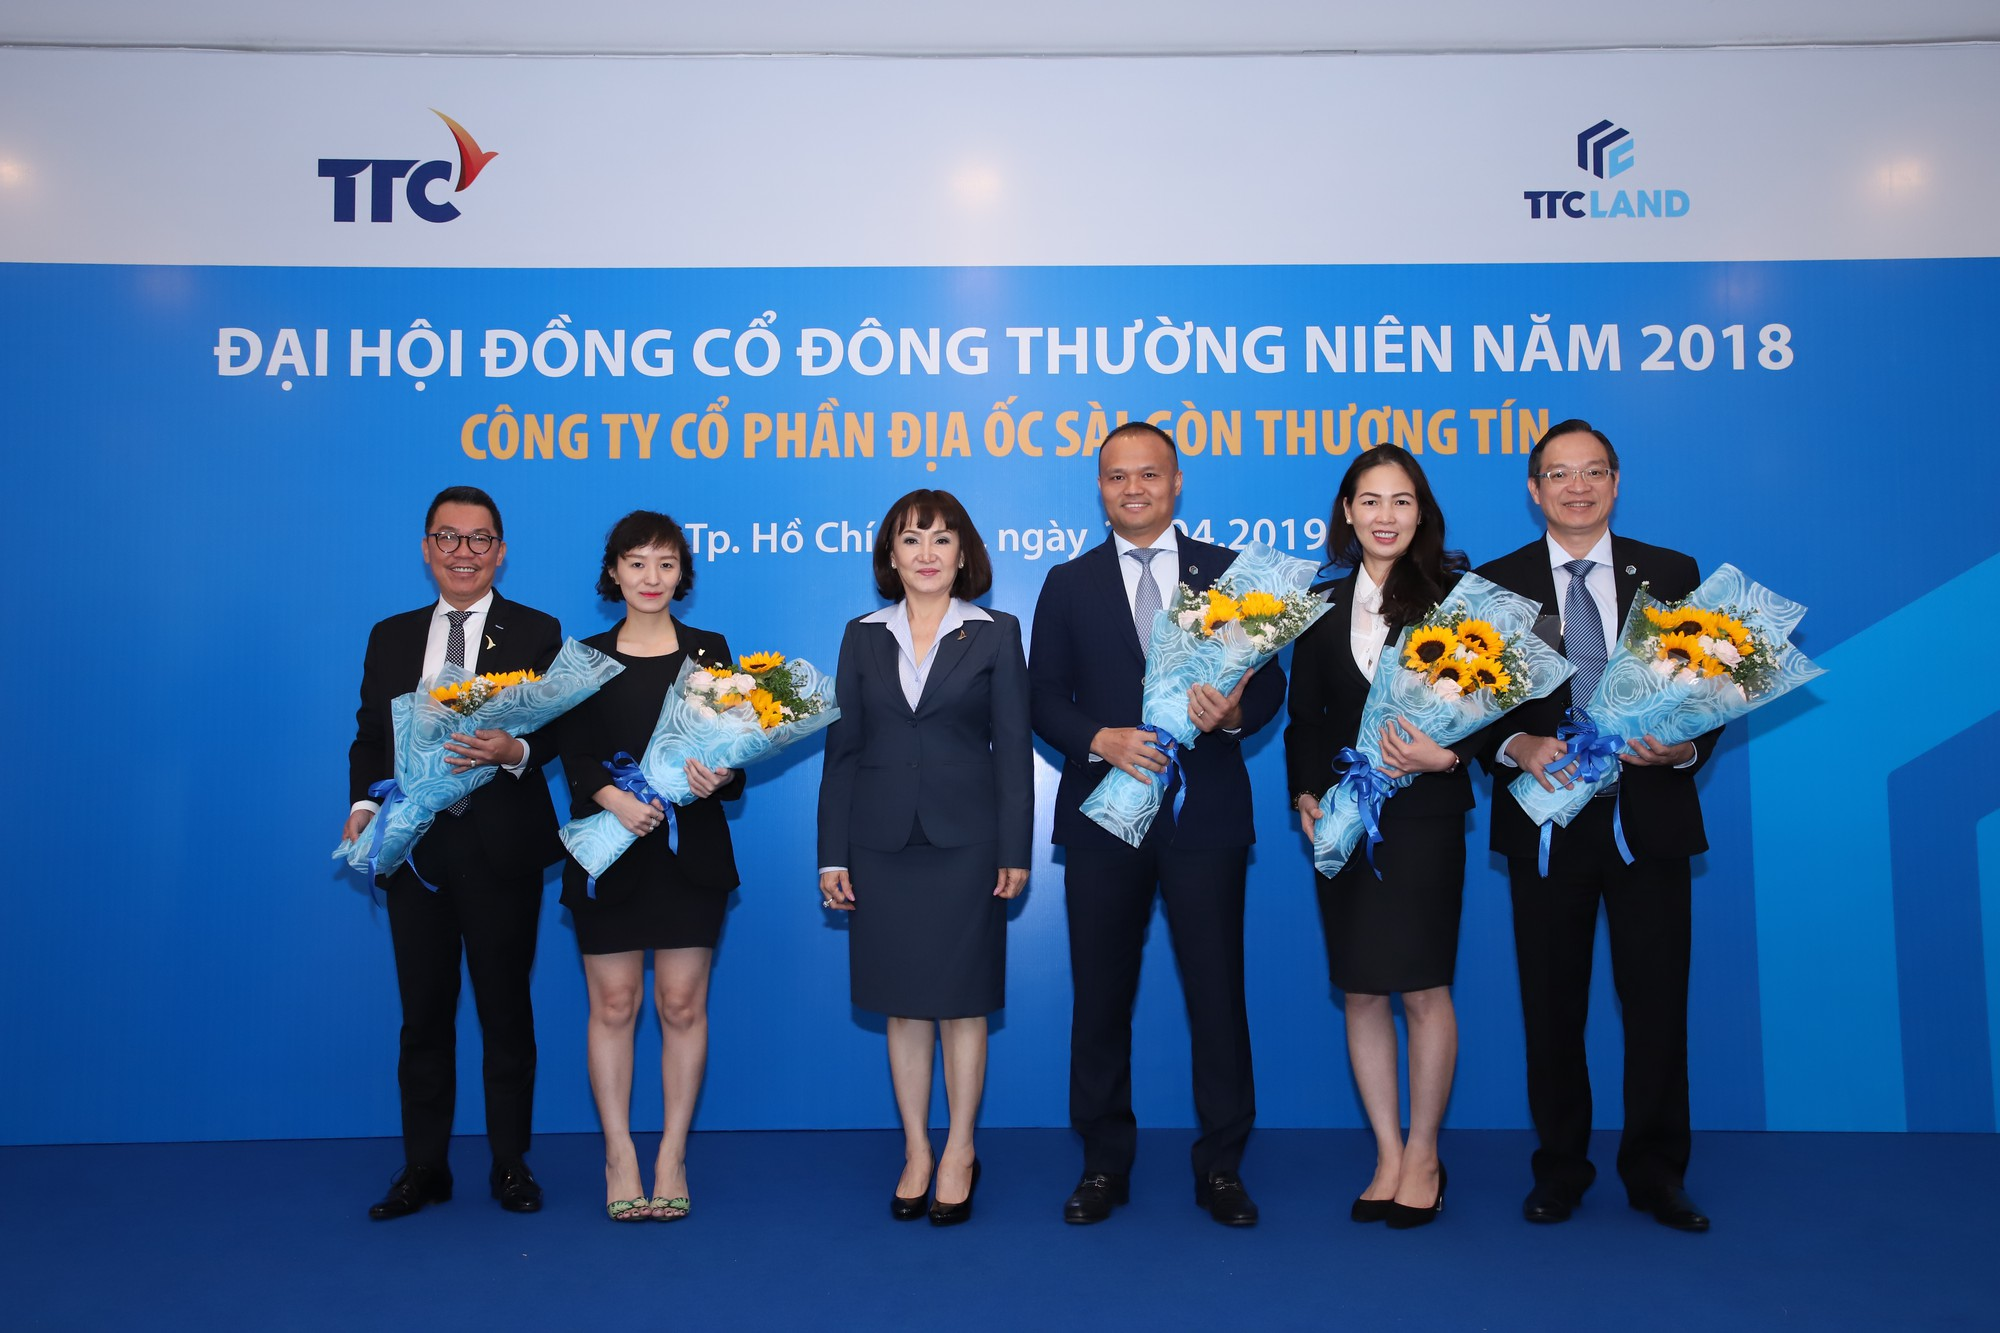 Ông Nguyễn Đăng Thanh giữ chức Tổng giám đốc TTC Land - Ảnh 1.